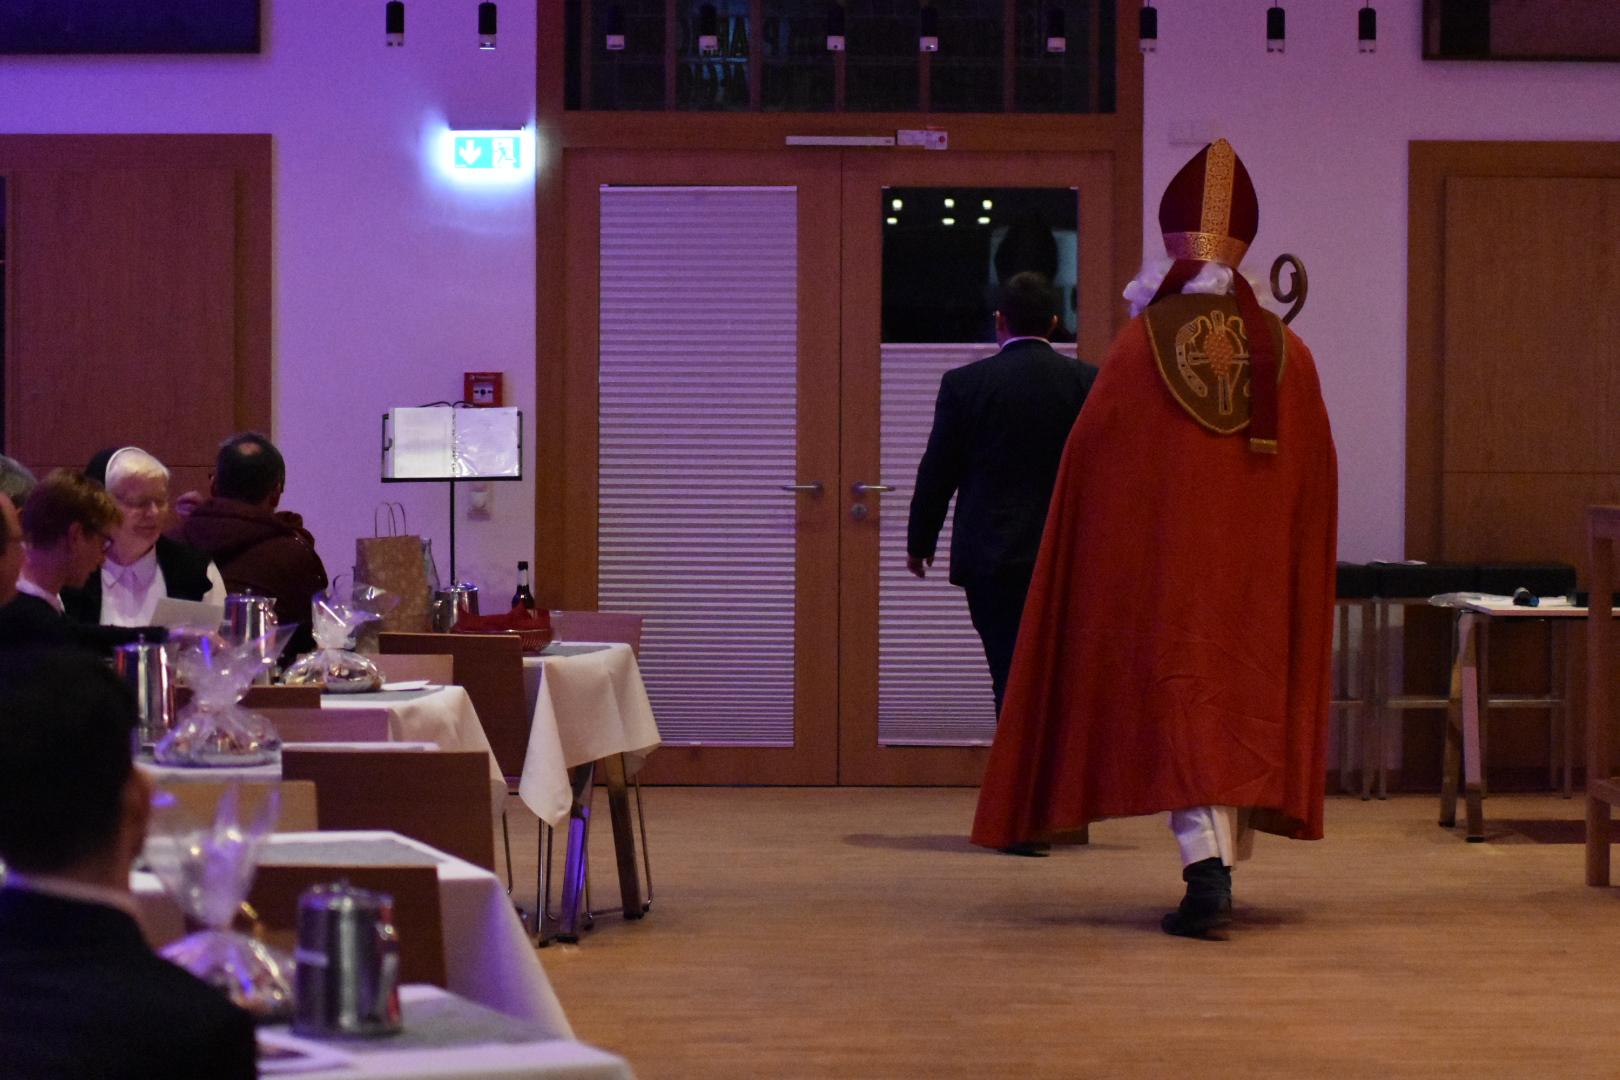 Der Nikolaus besucht uns im Priesterseminar.